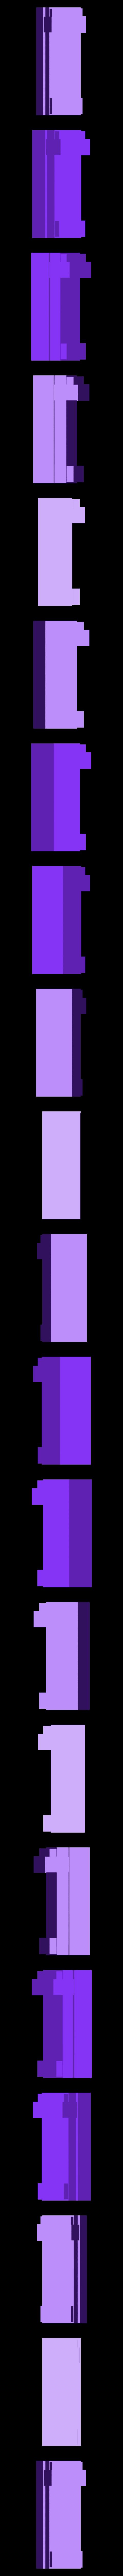 wall_top2.stl Télécharger fichier STL gratuit Ripper's London - The (Modular) Factory • Modèle pour imprimante 3D, Earsling